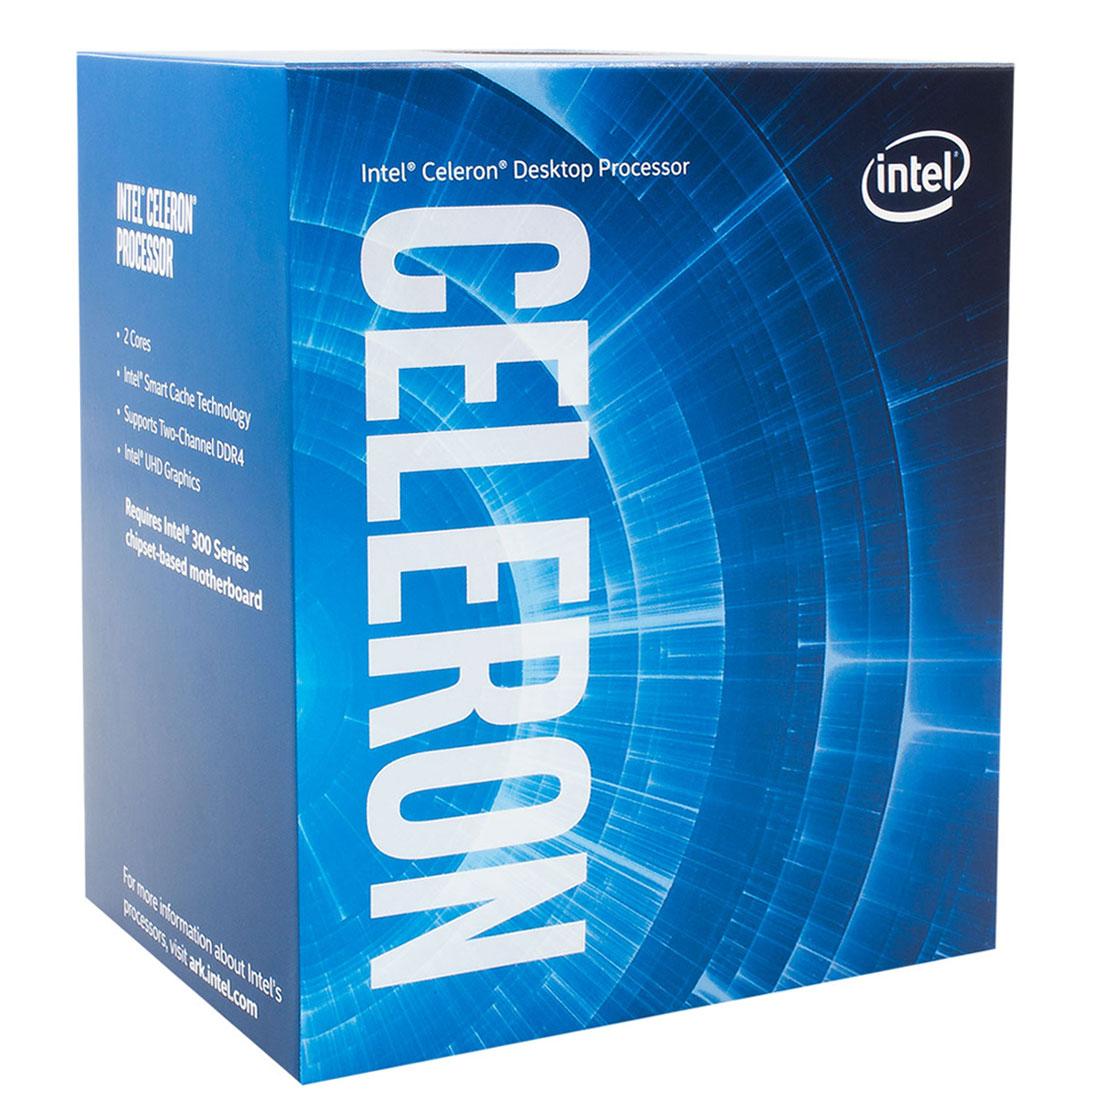 Processeur Intel Celeron G4900 (3.1 GHz) Processeur Dual Core Socket 1151 Cache L3 2 Mo Intel UHD Graphics 610 0.014 micron (version boîte - garantie Intel 3 ans)